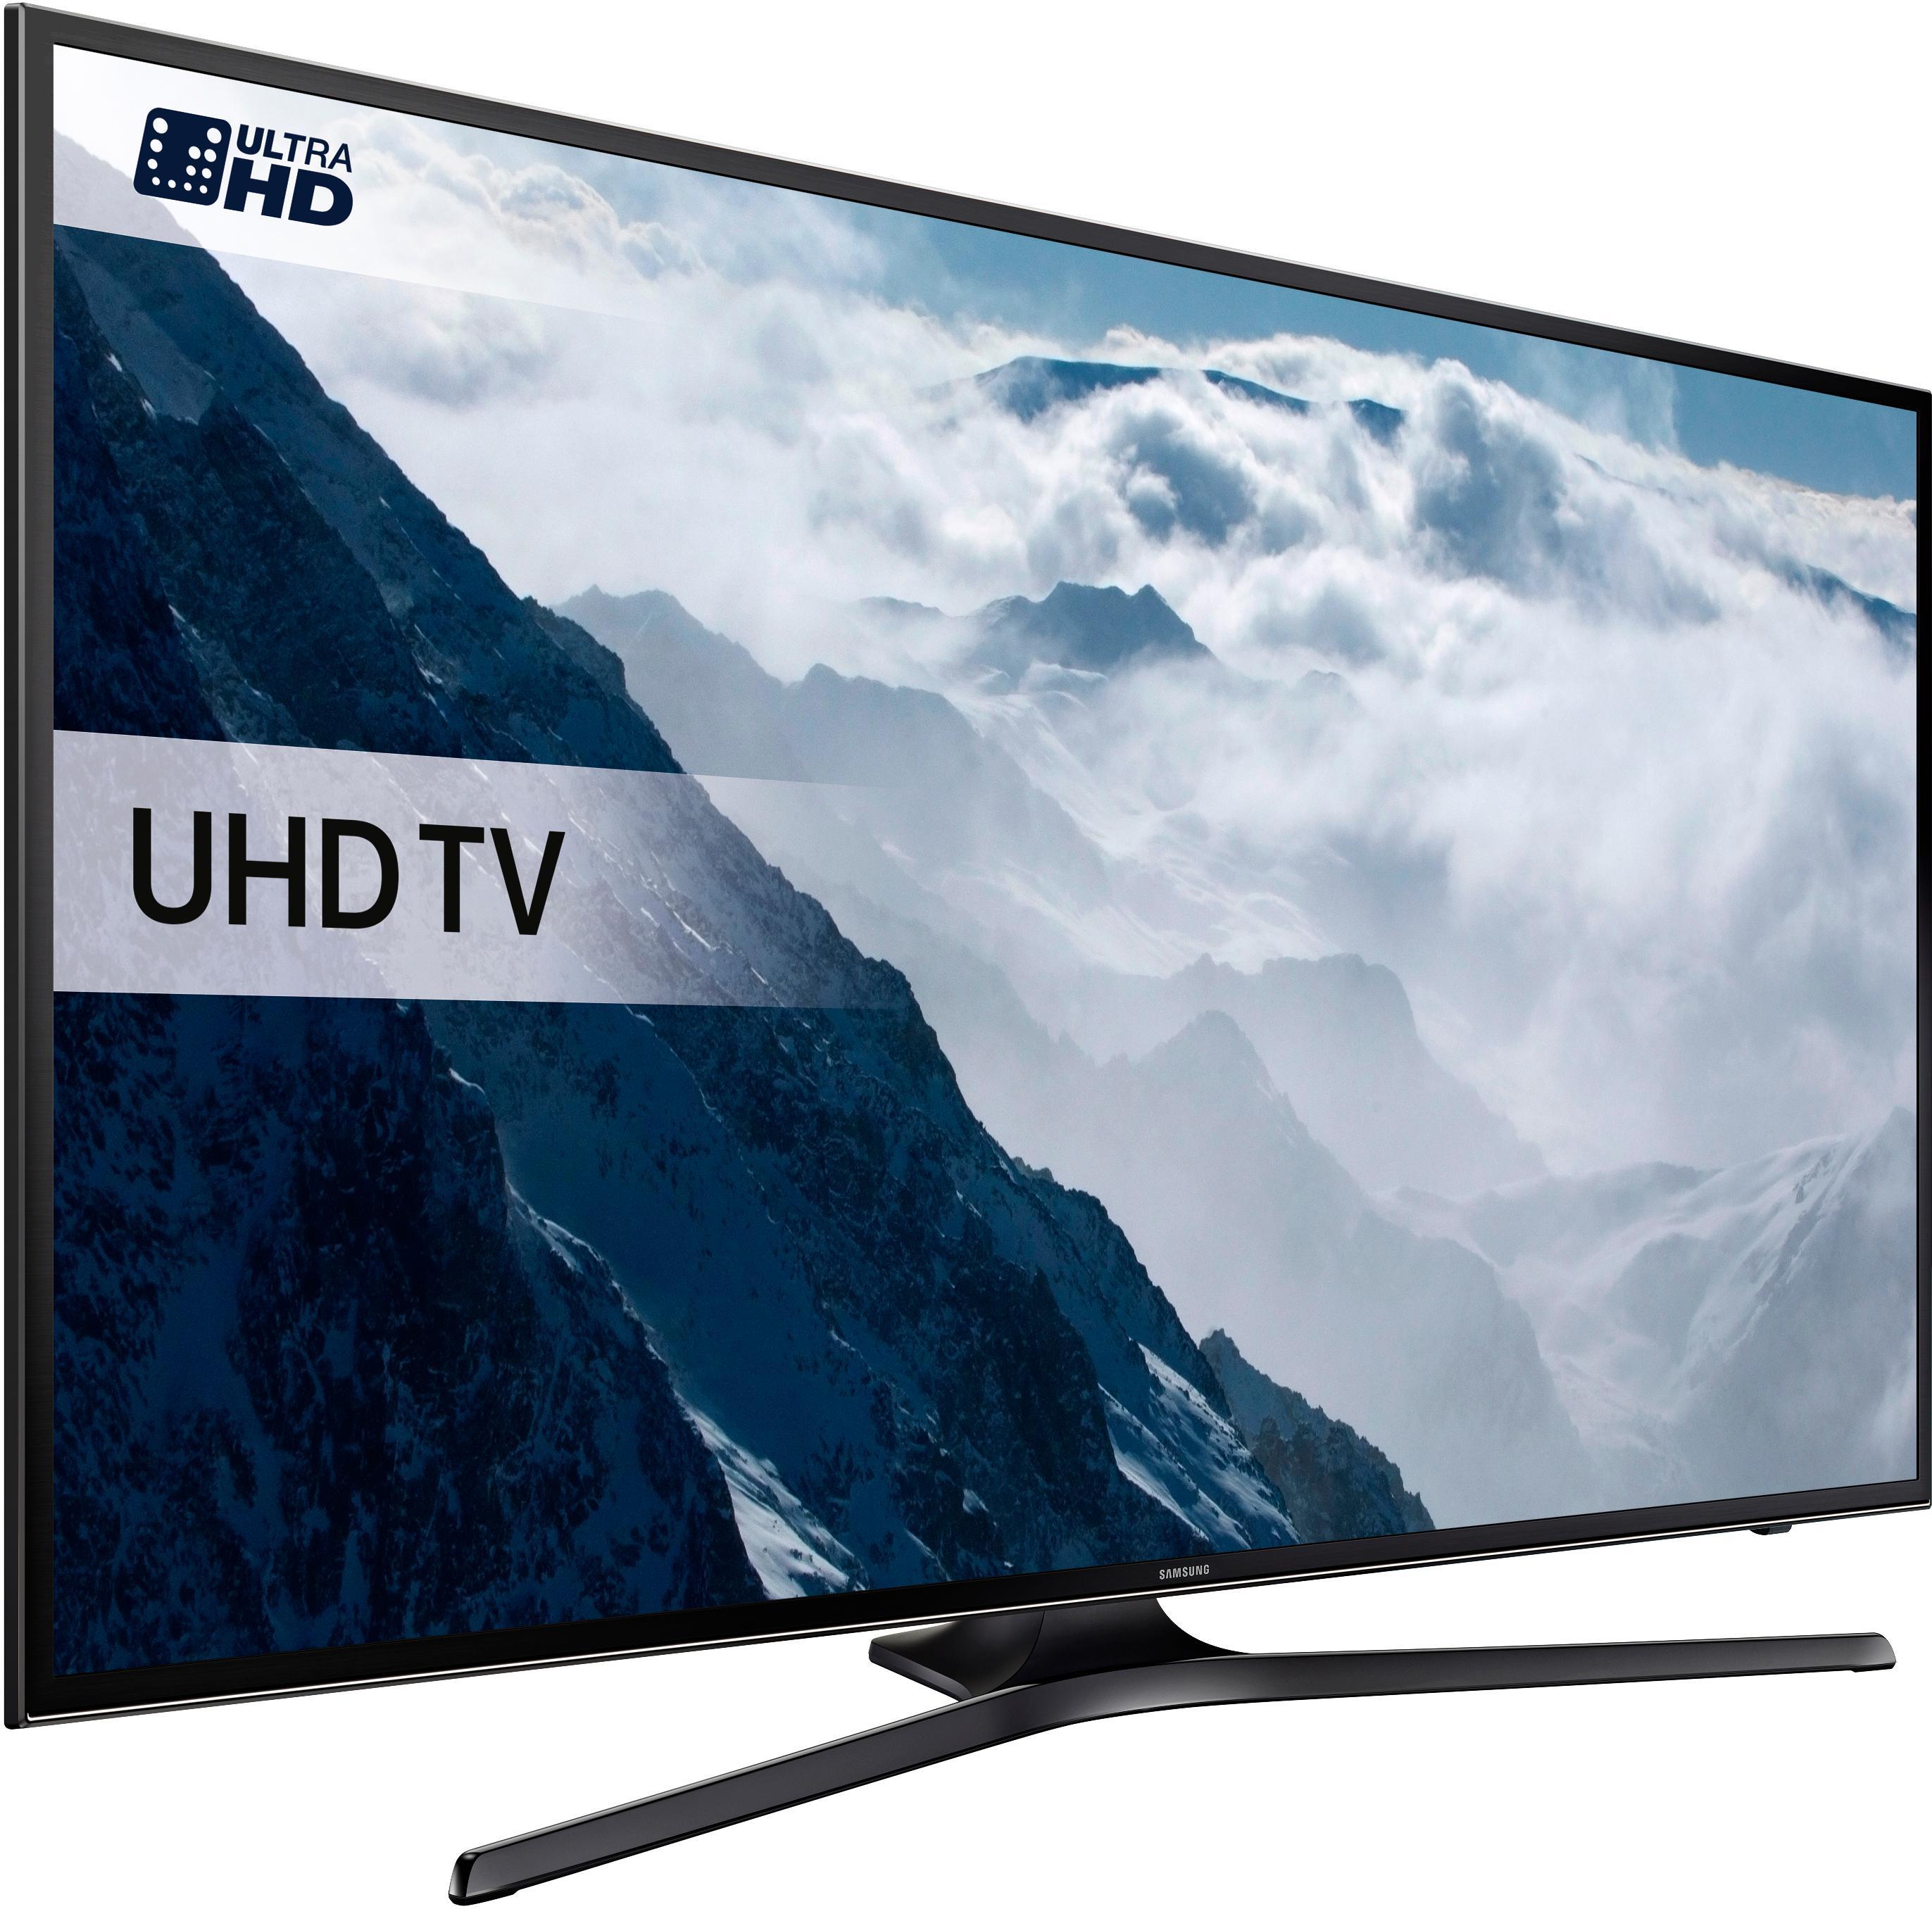 """Sélection de TV Samsung en promotion - Ex : TV 40"""" UE40KU6000 (Gamme 2016) - 4K - PQI 1300 (Via 138€ d'ODR) + Jusqu'à 206.99€ en Super Points"""